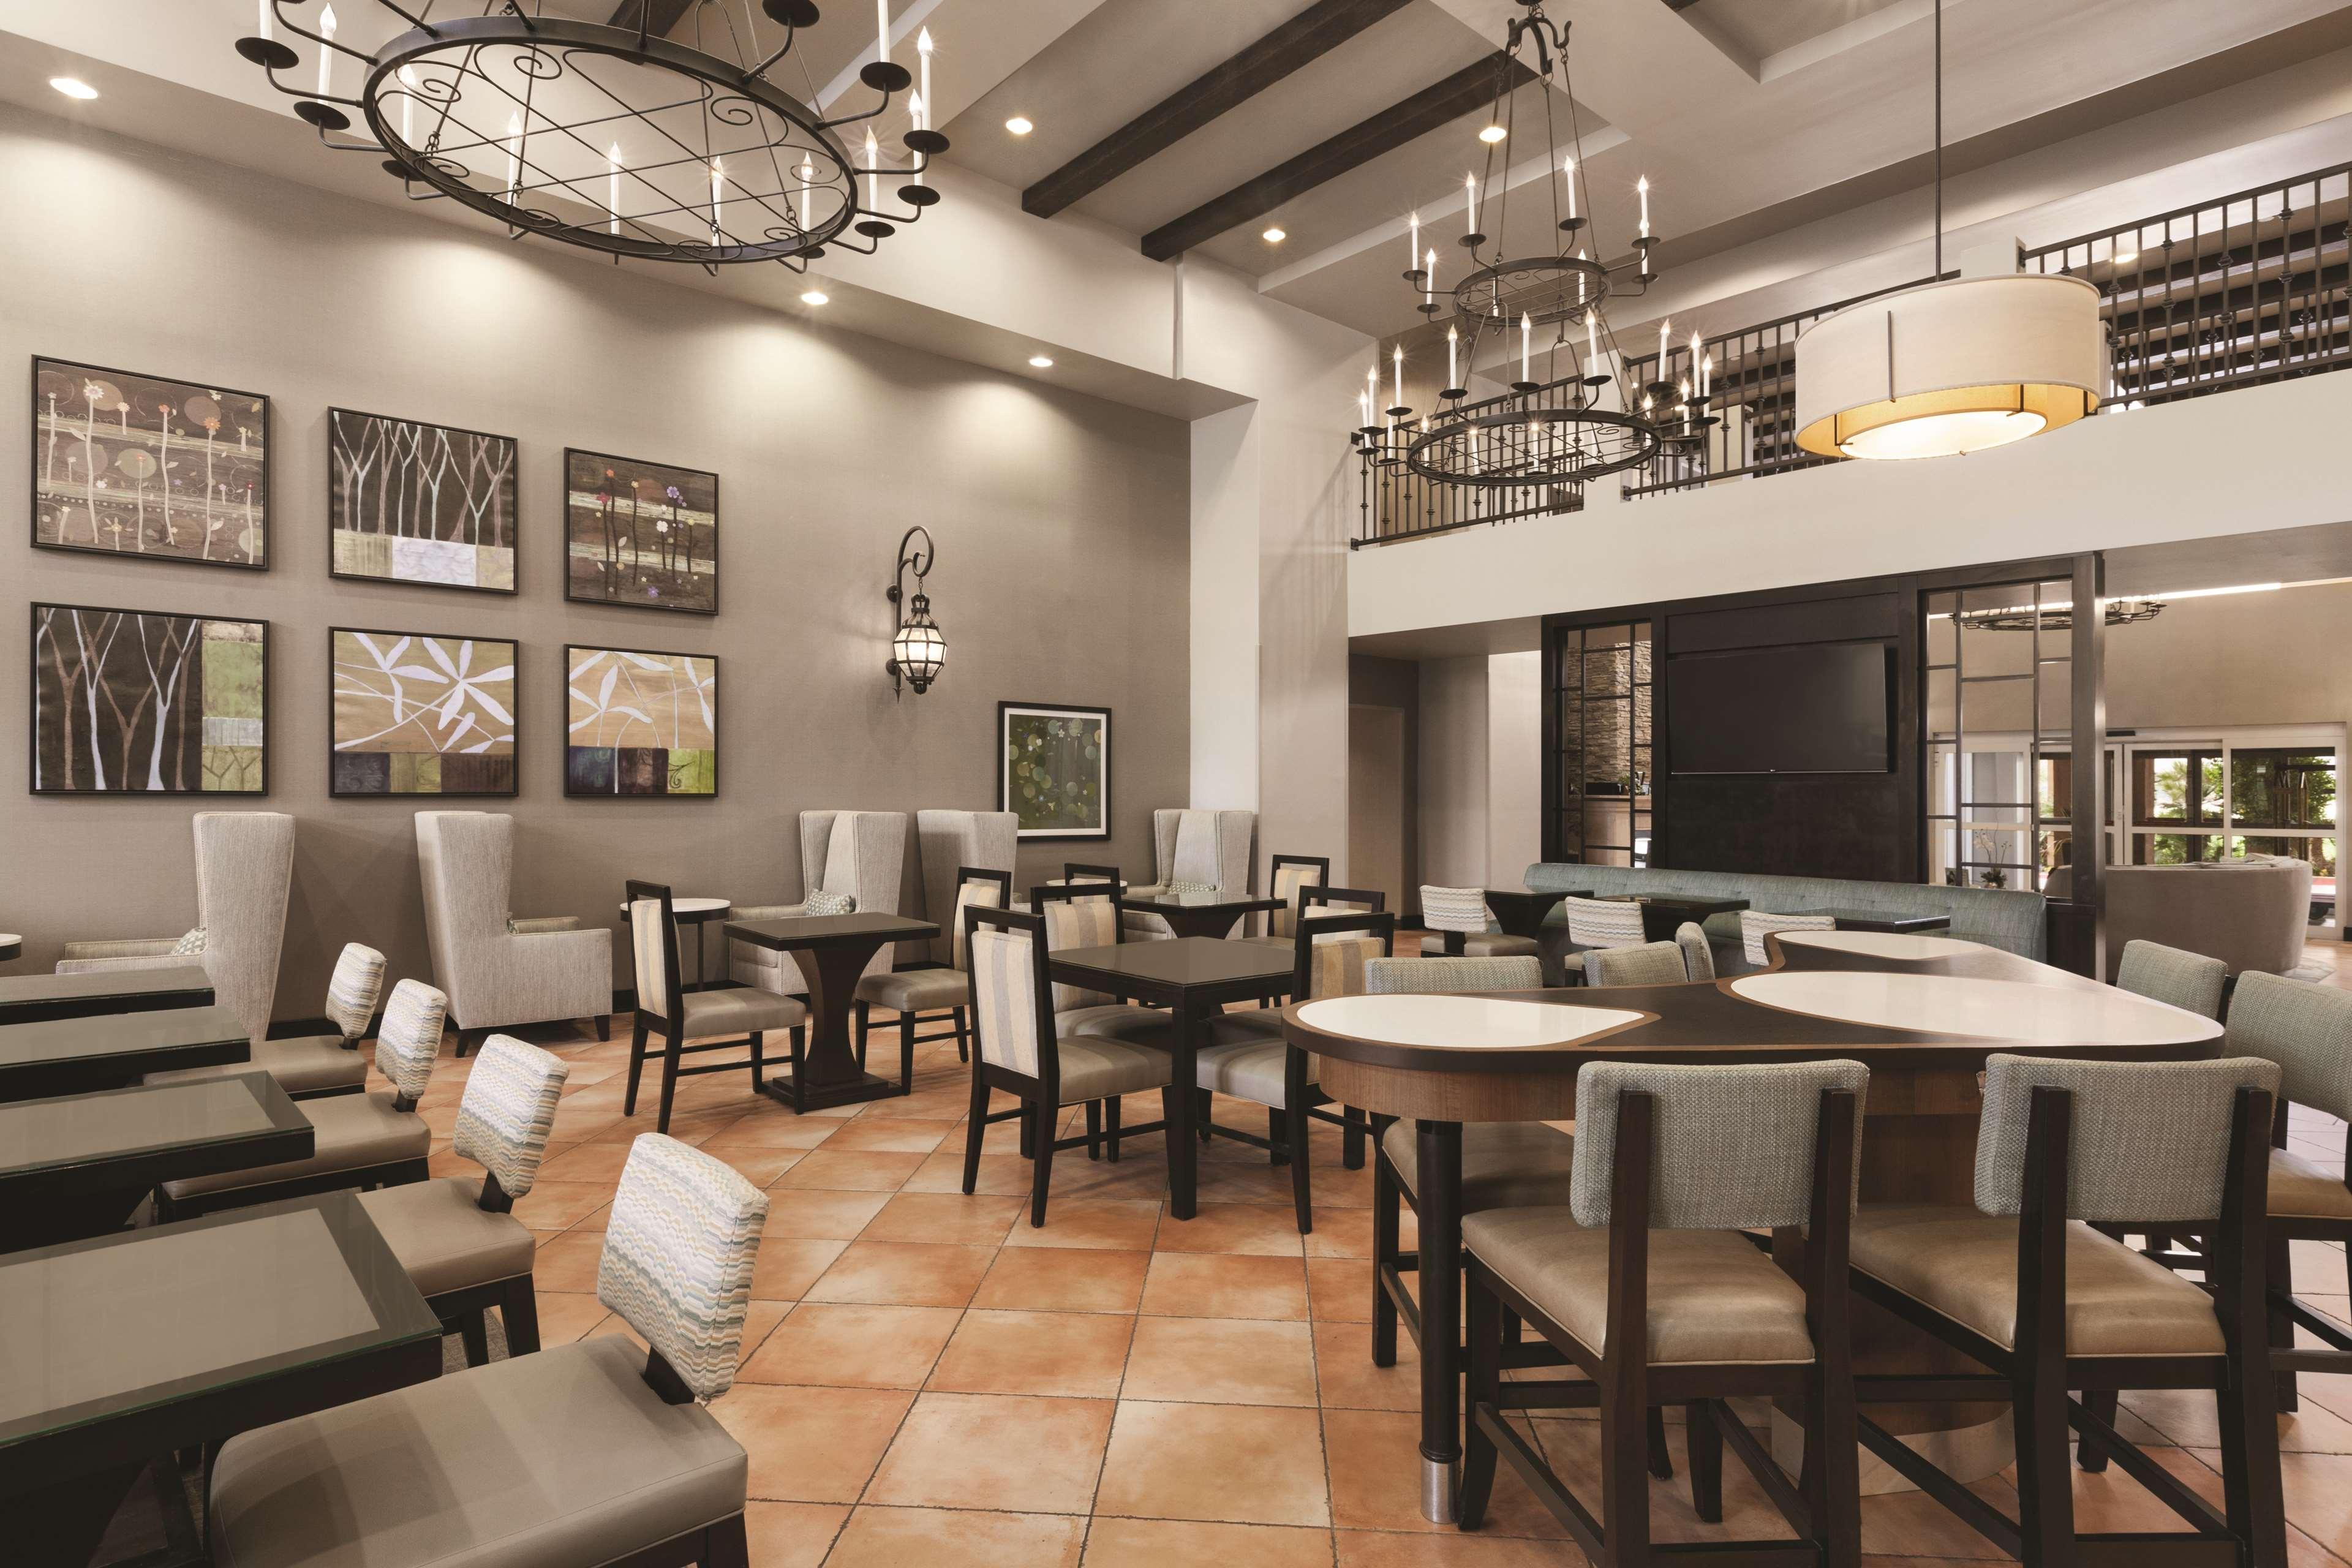 Homewood Suites by Hilton La Quinta image 4